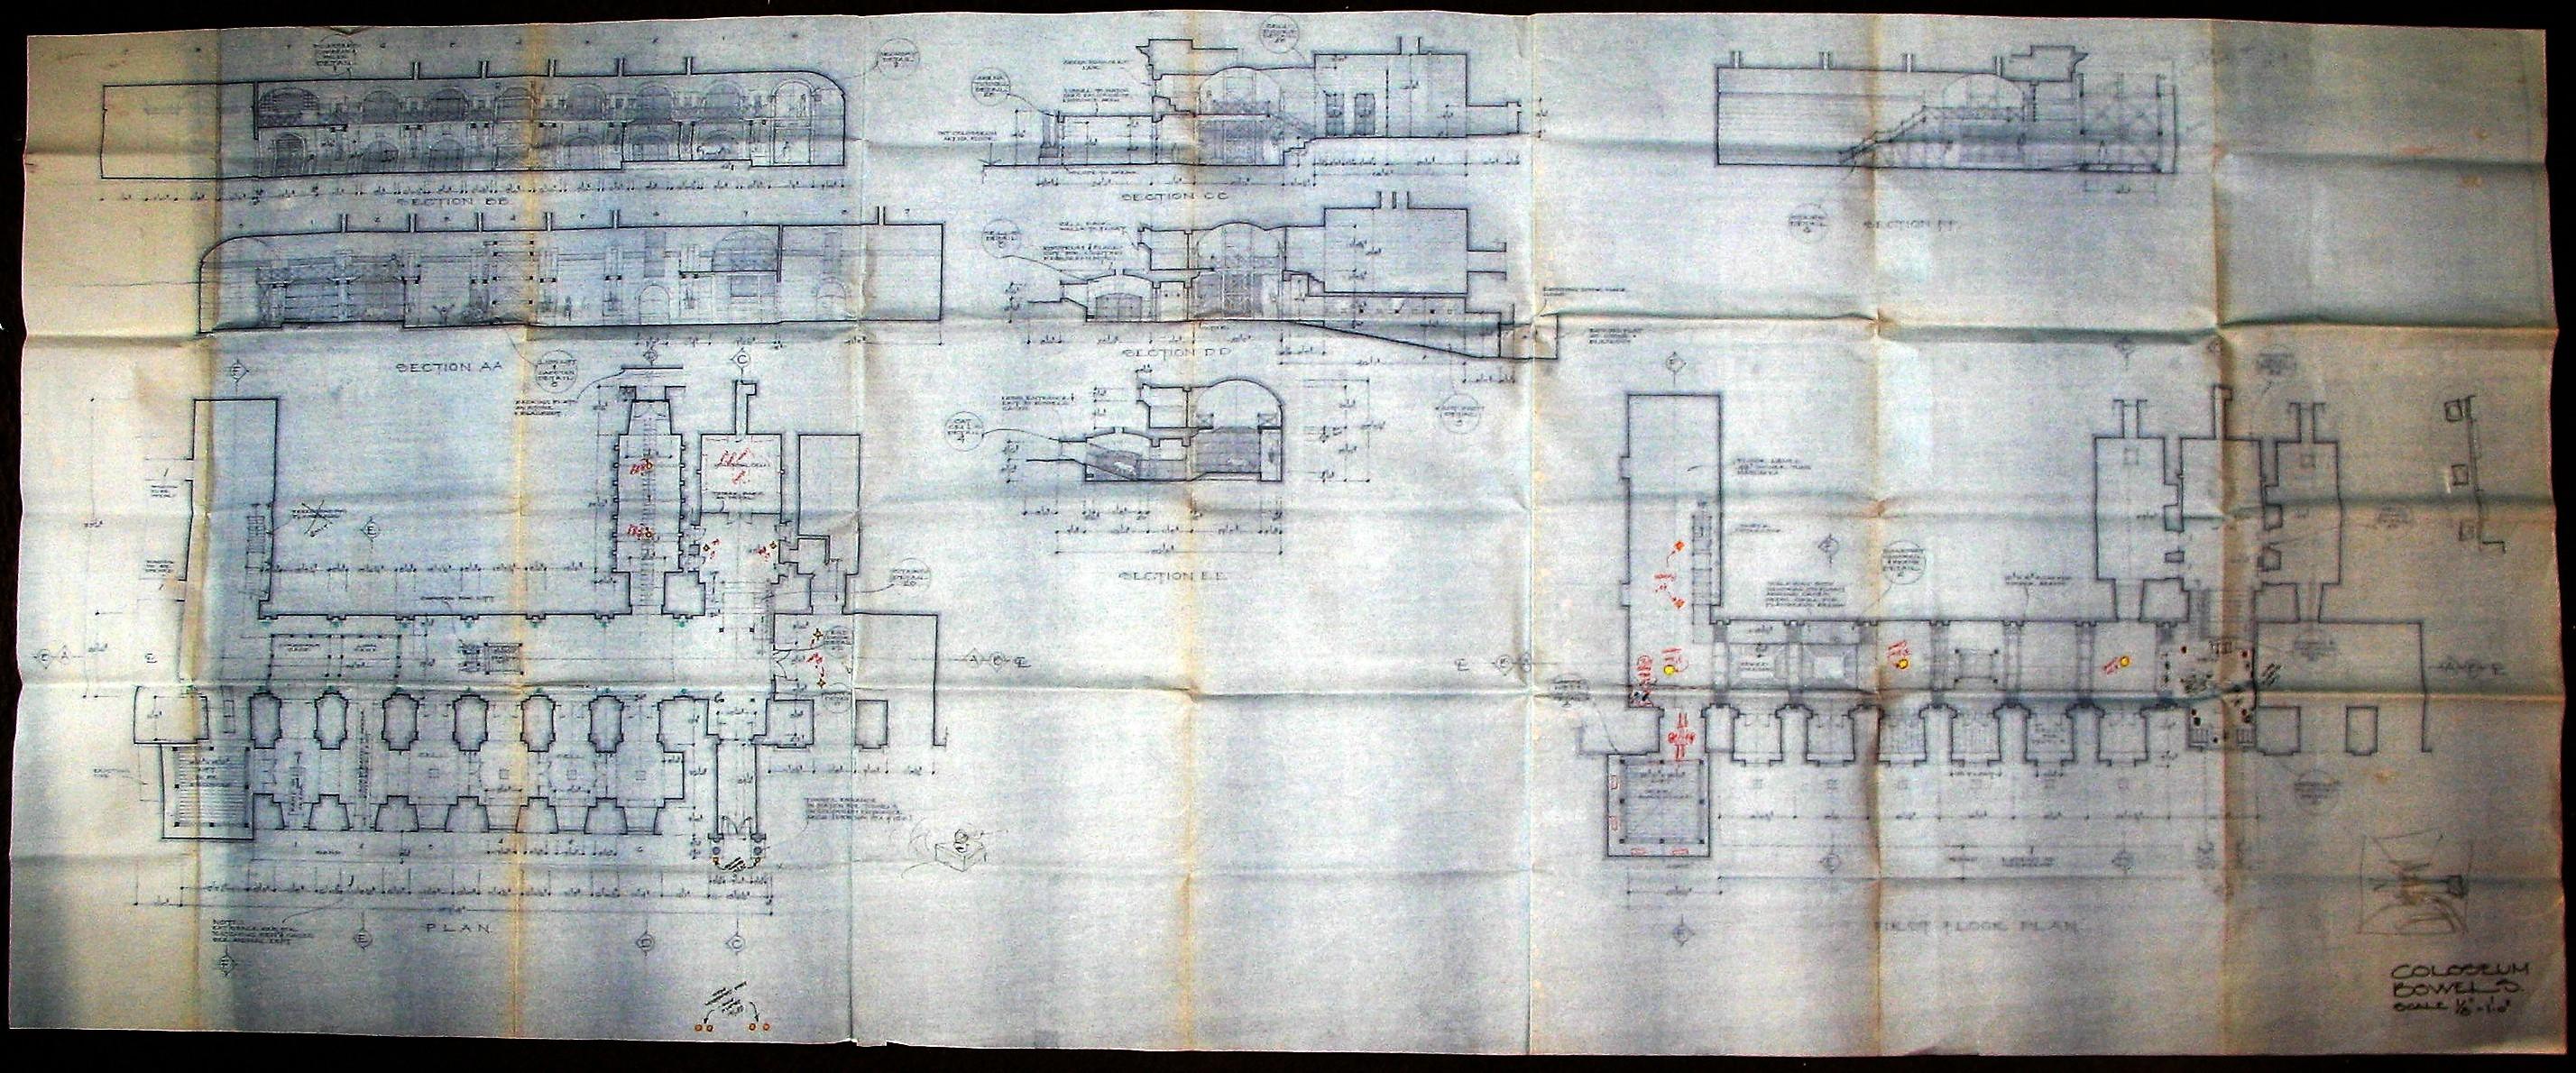 Blueprint: Colosseum Art Print by Eric Yang   iCanvas  Roman Colosseum Blueprints